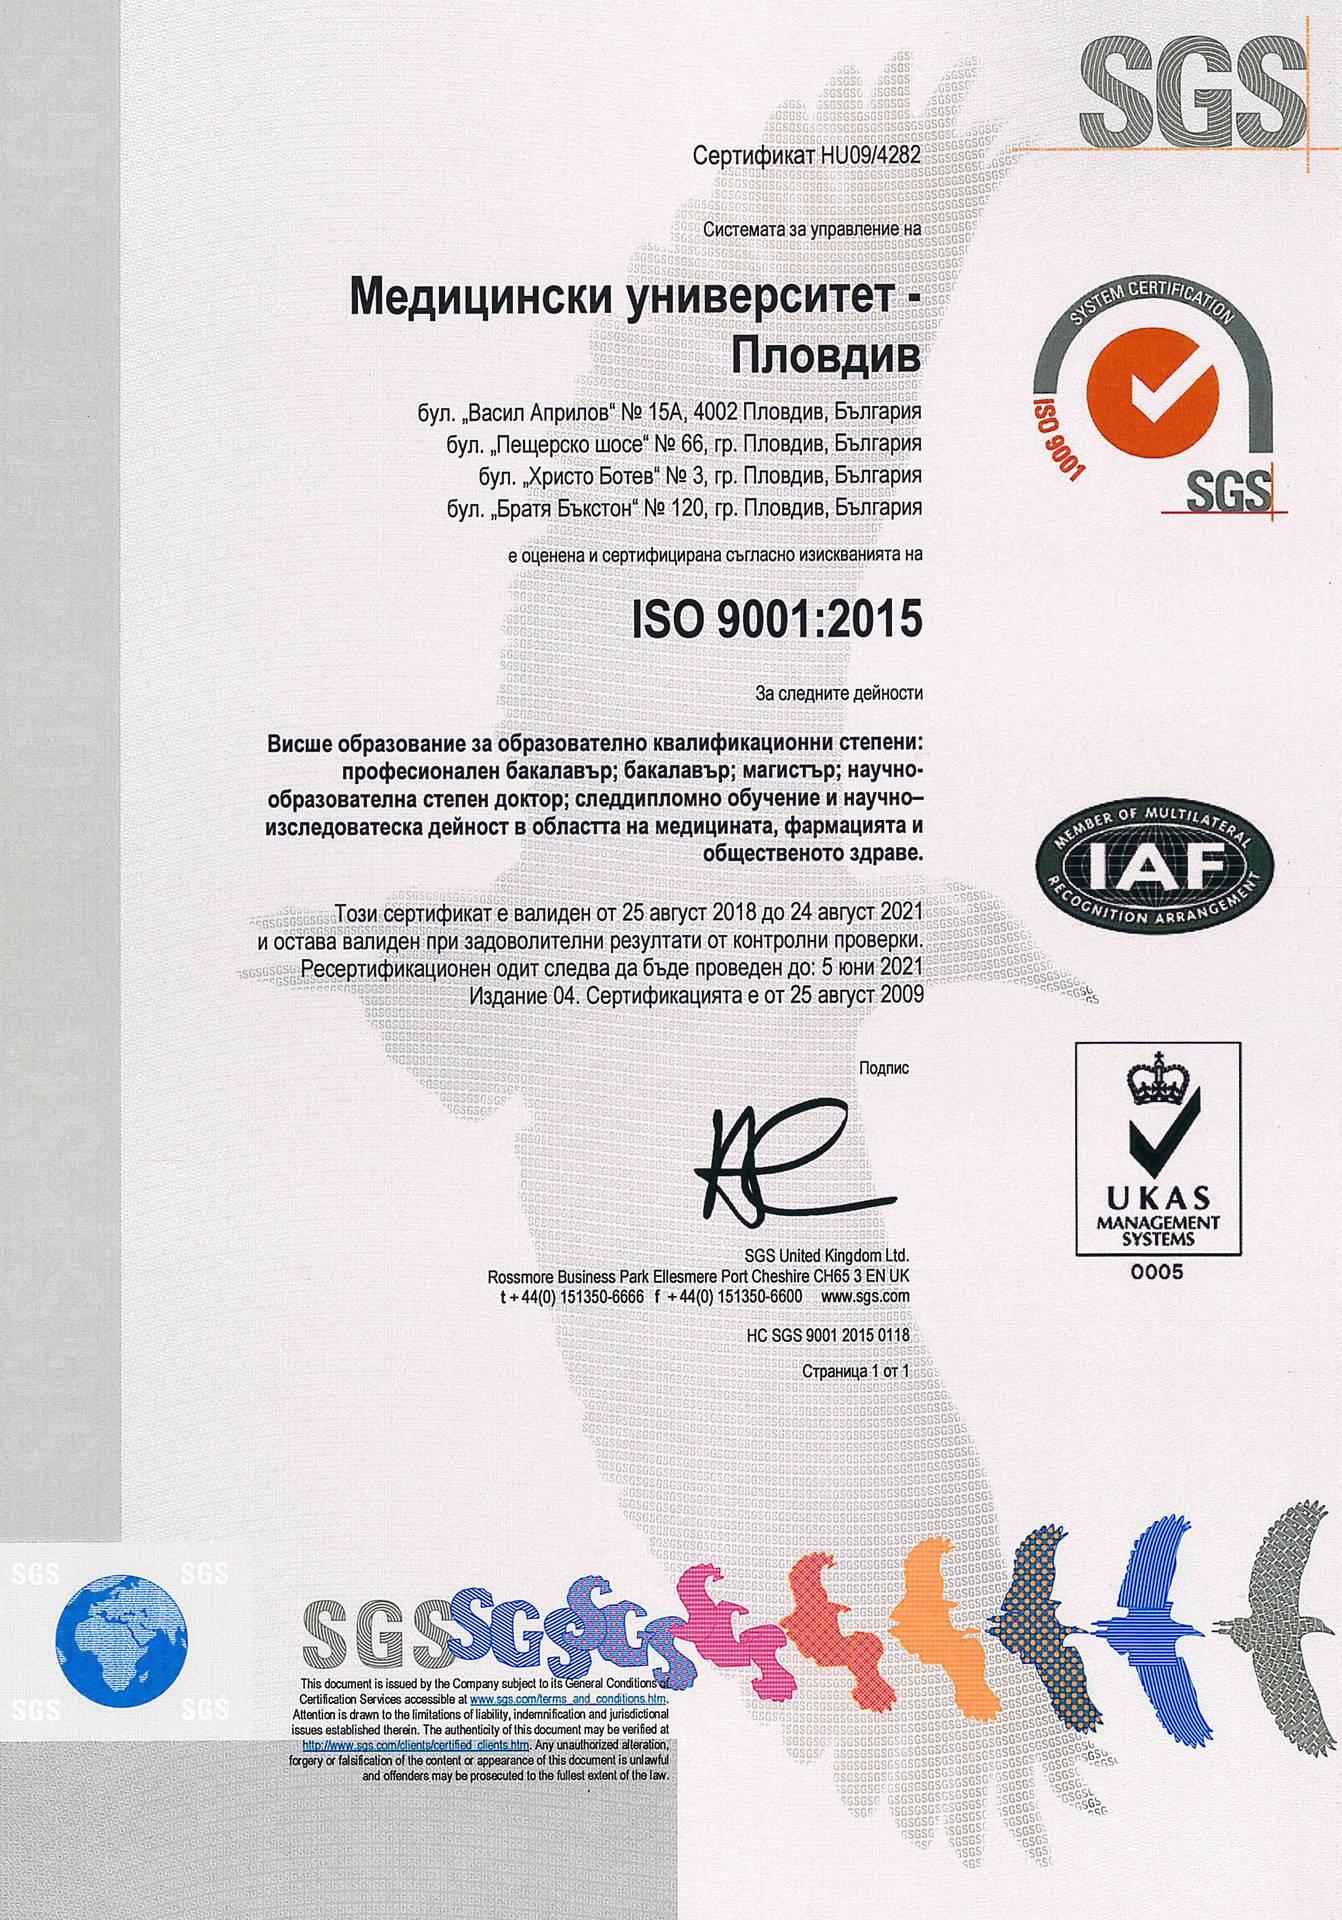 Сертификат по ISO 9001:2015